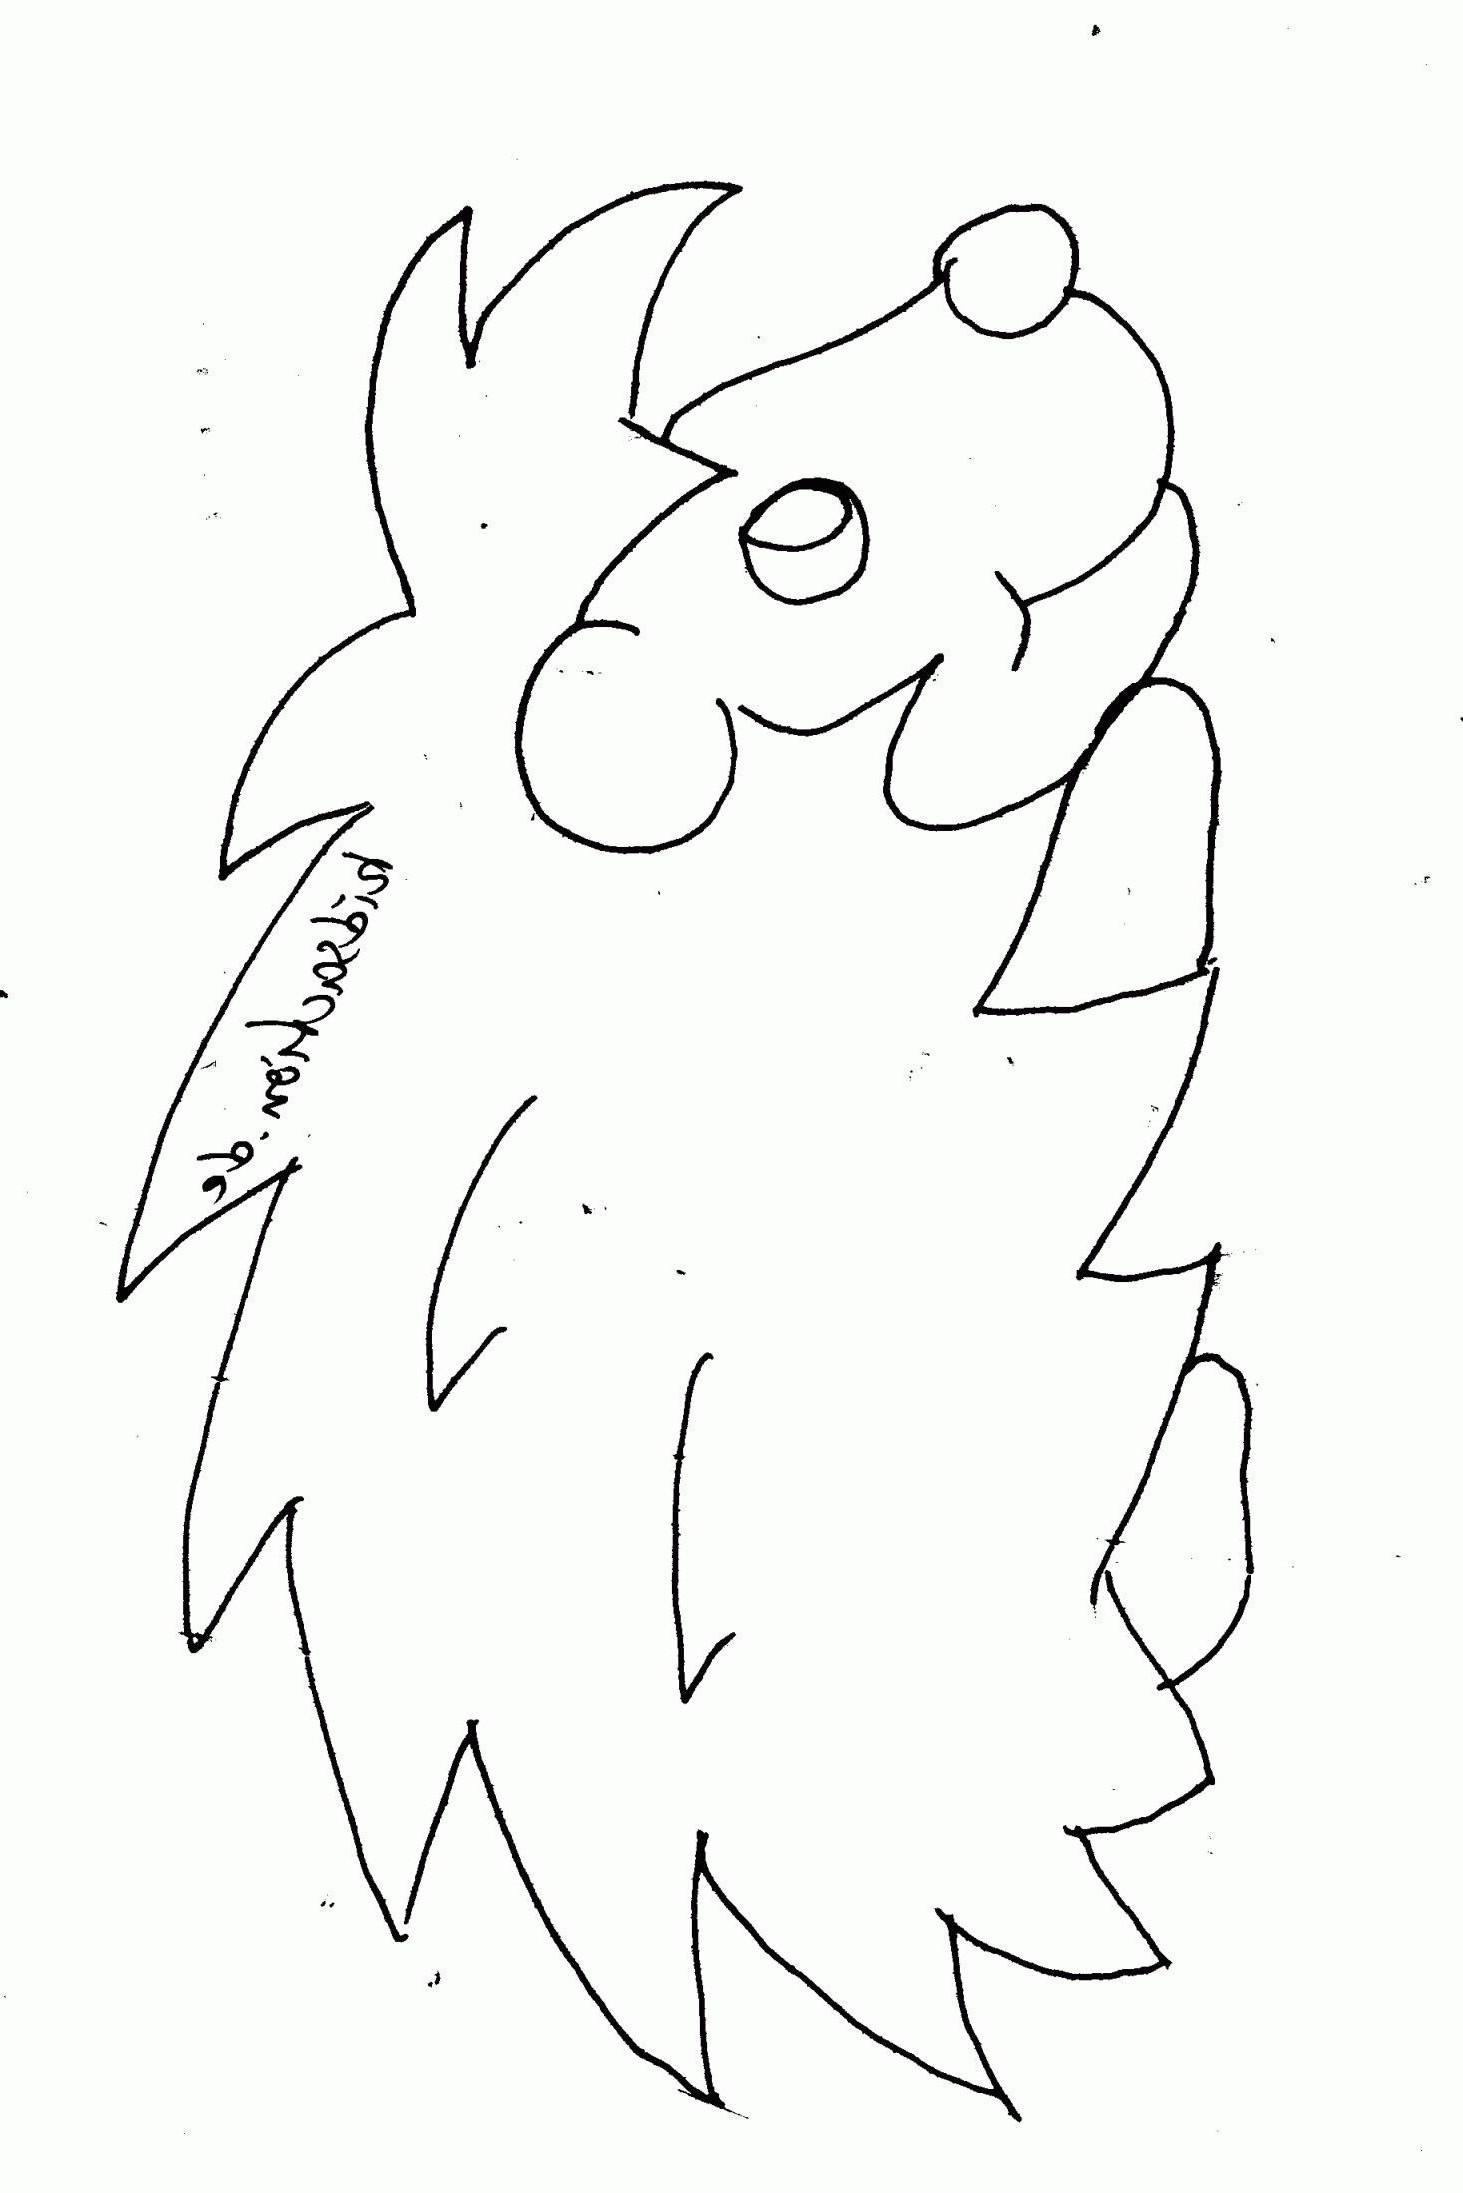 Pokemon sonne Und Mond Ausmalbilder Frisch 28 Inspirierend Ninjago Kai – Malvorlagen Ideen Galerie